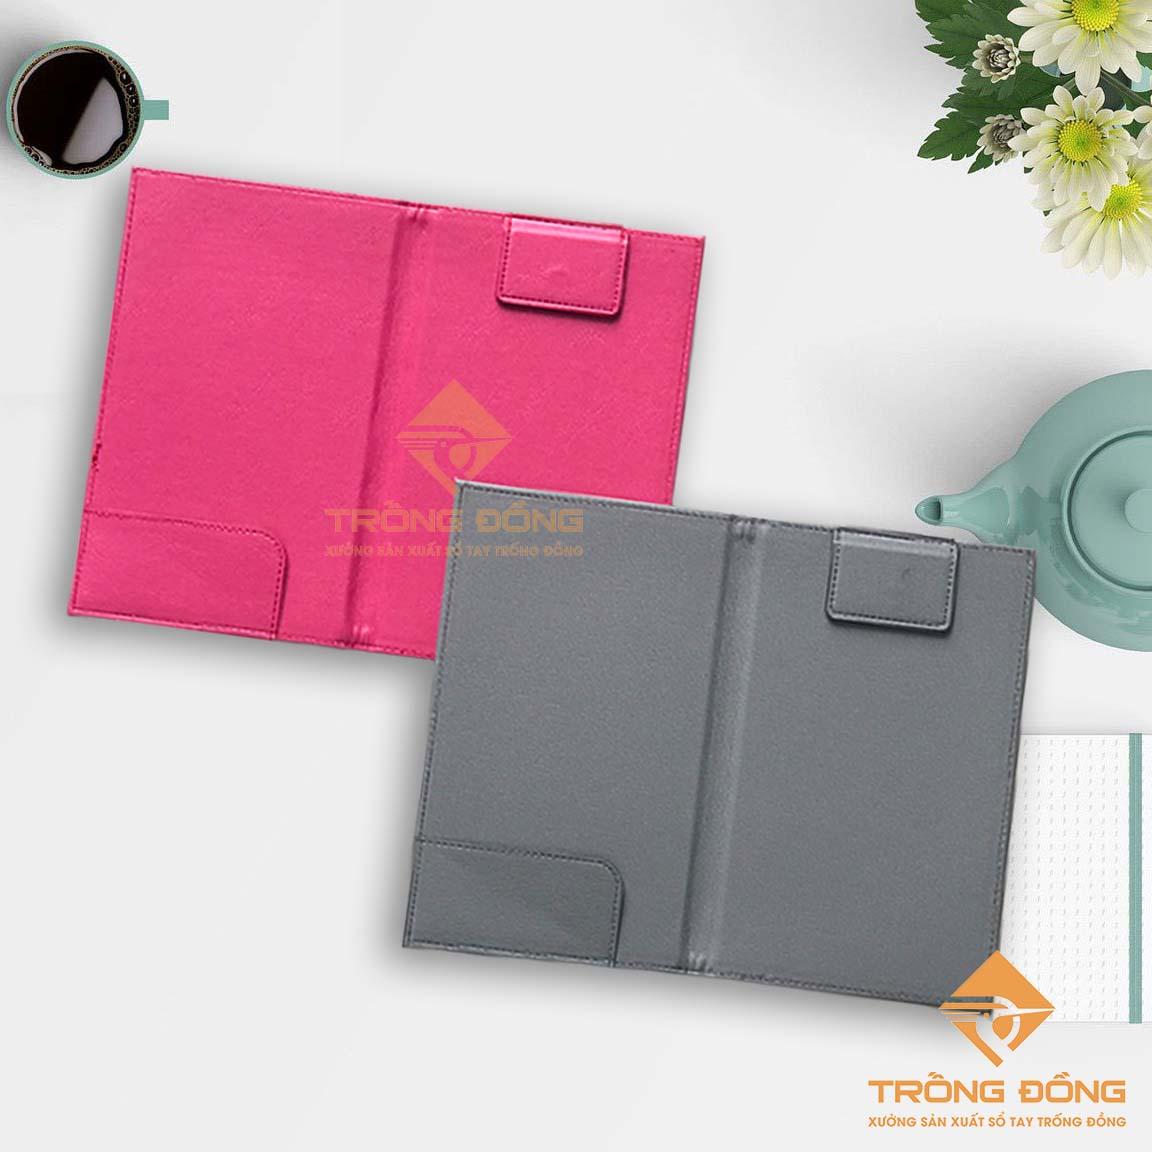 Bìa kẹp bill bằng da simili màu hồng và xám có tai gấp kẹp bill và thanh kẹp giữ tiền.